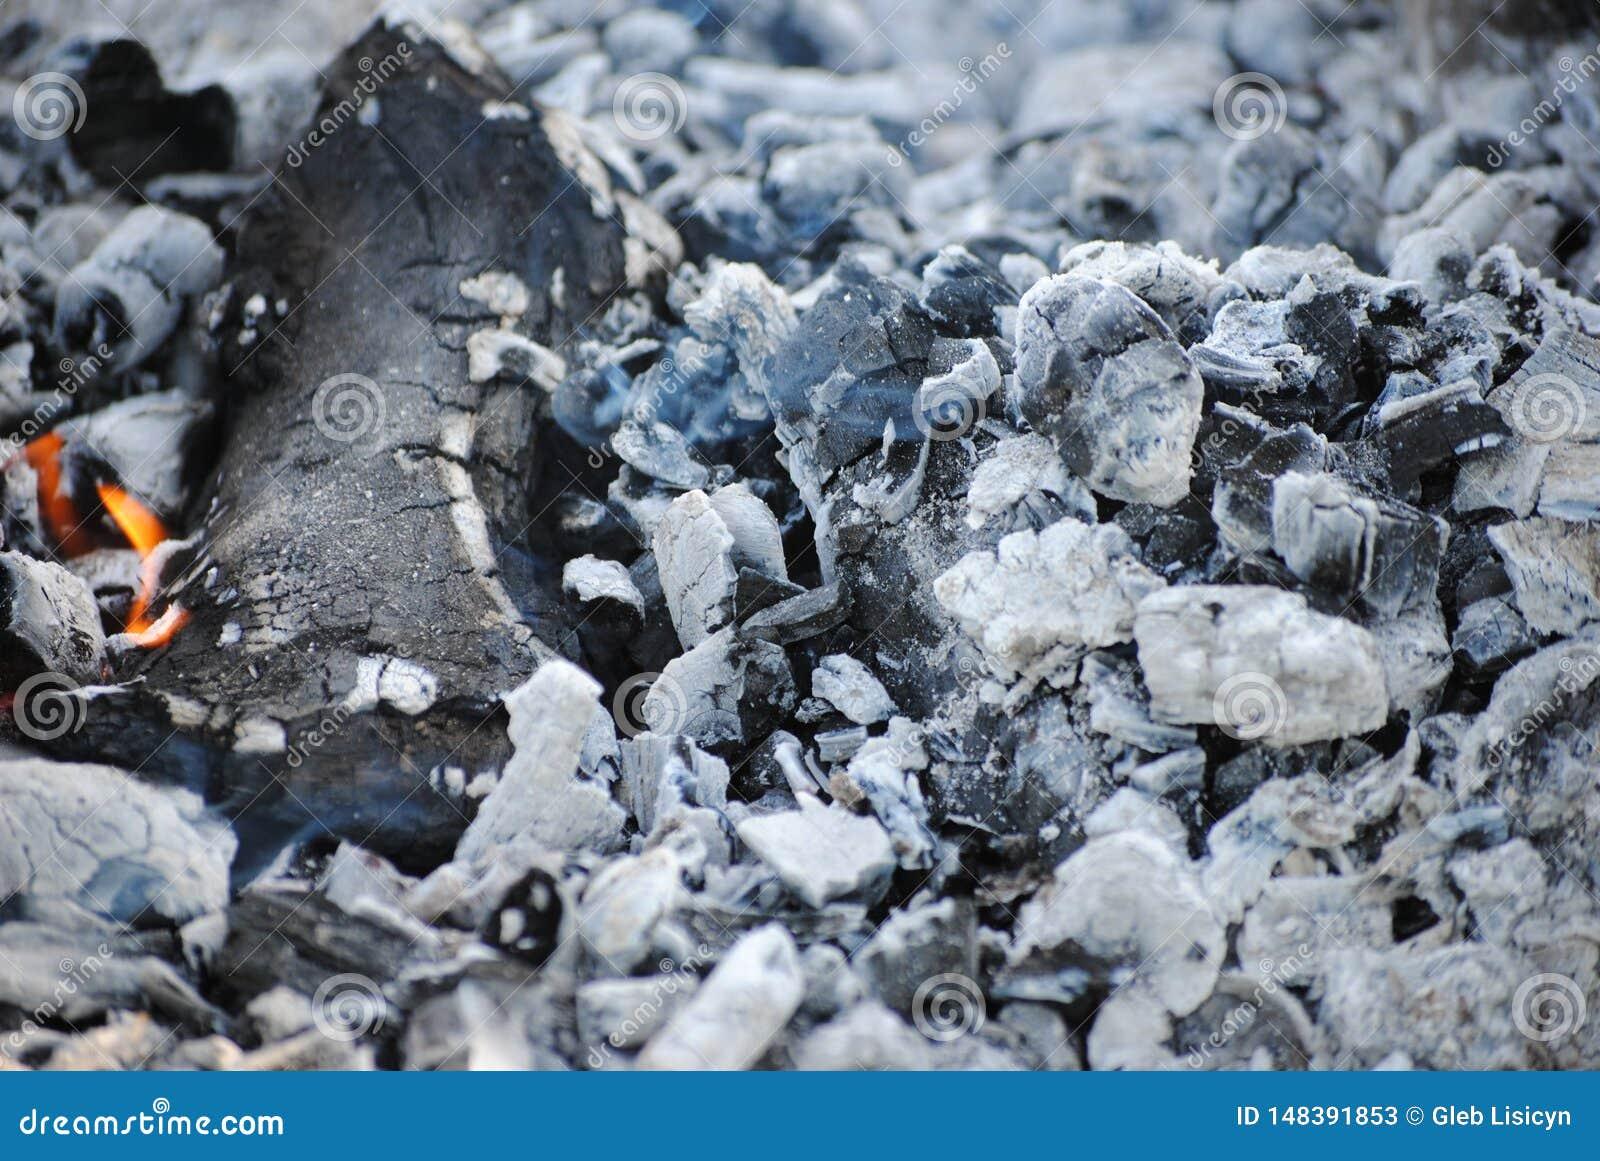 Άνθρακες από μια εκλειψίδα πυρκαγιά